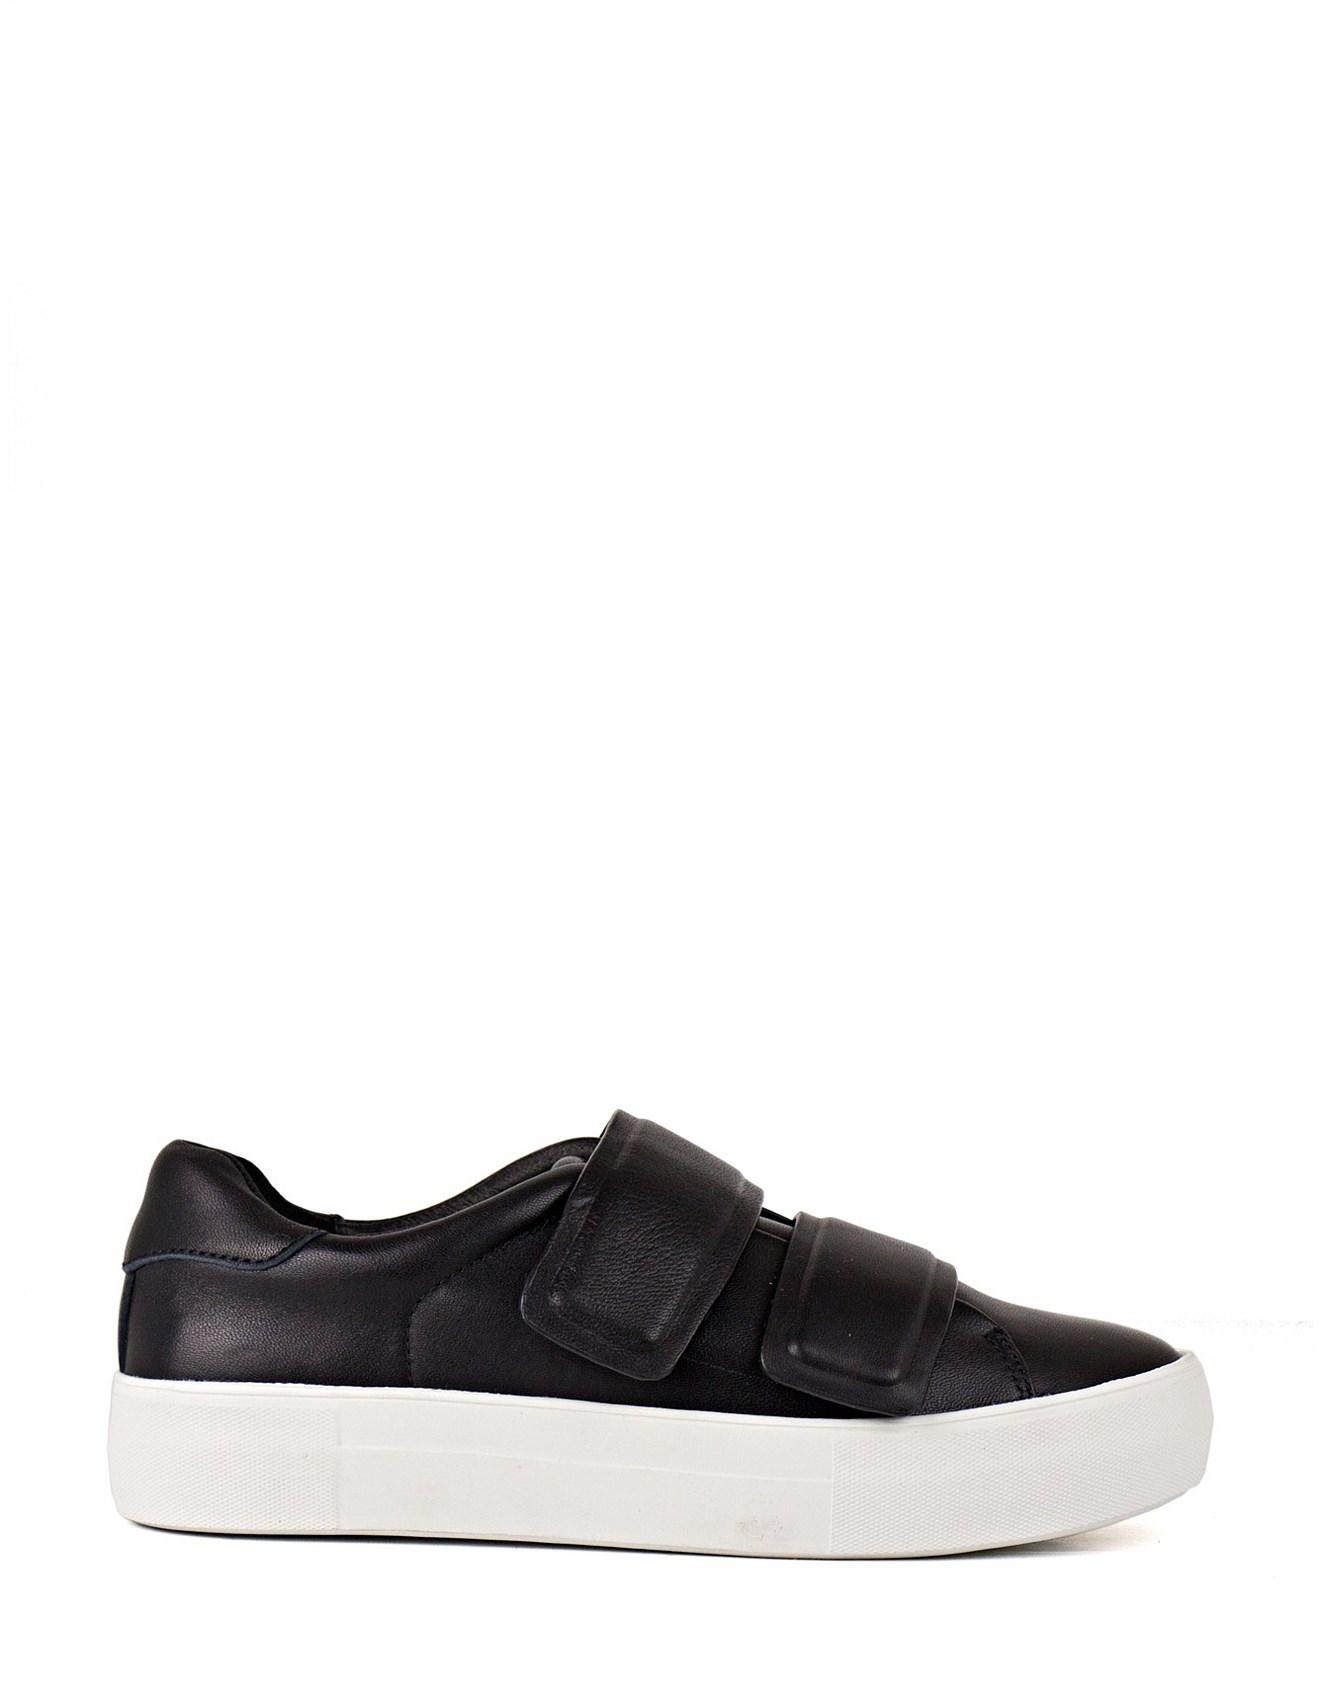 Adelynn Velco Sneaker Edward Meller 6SmhC